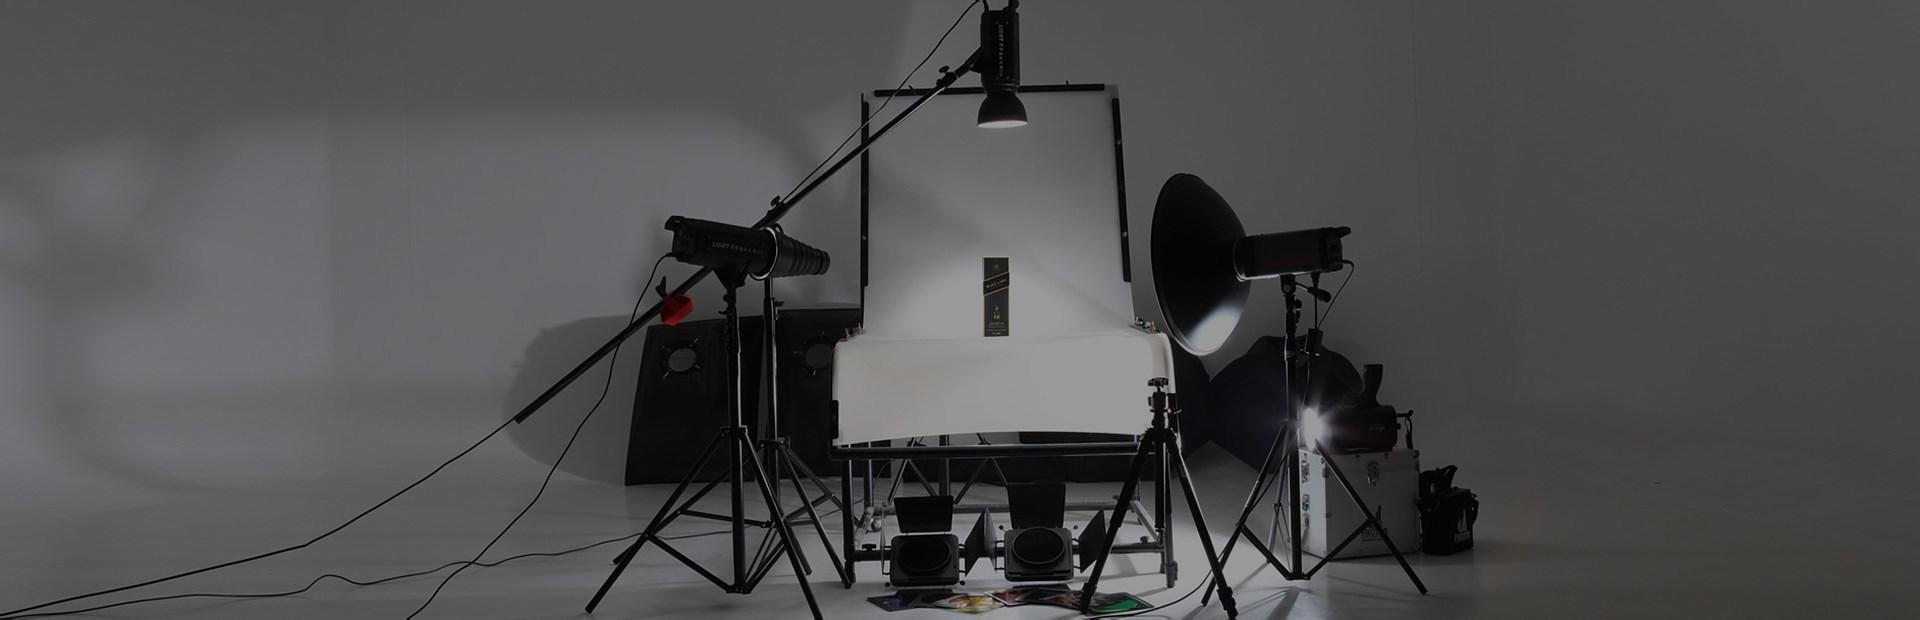 赤风视觉 合肥摄影专业服务商